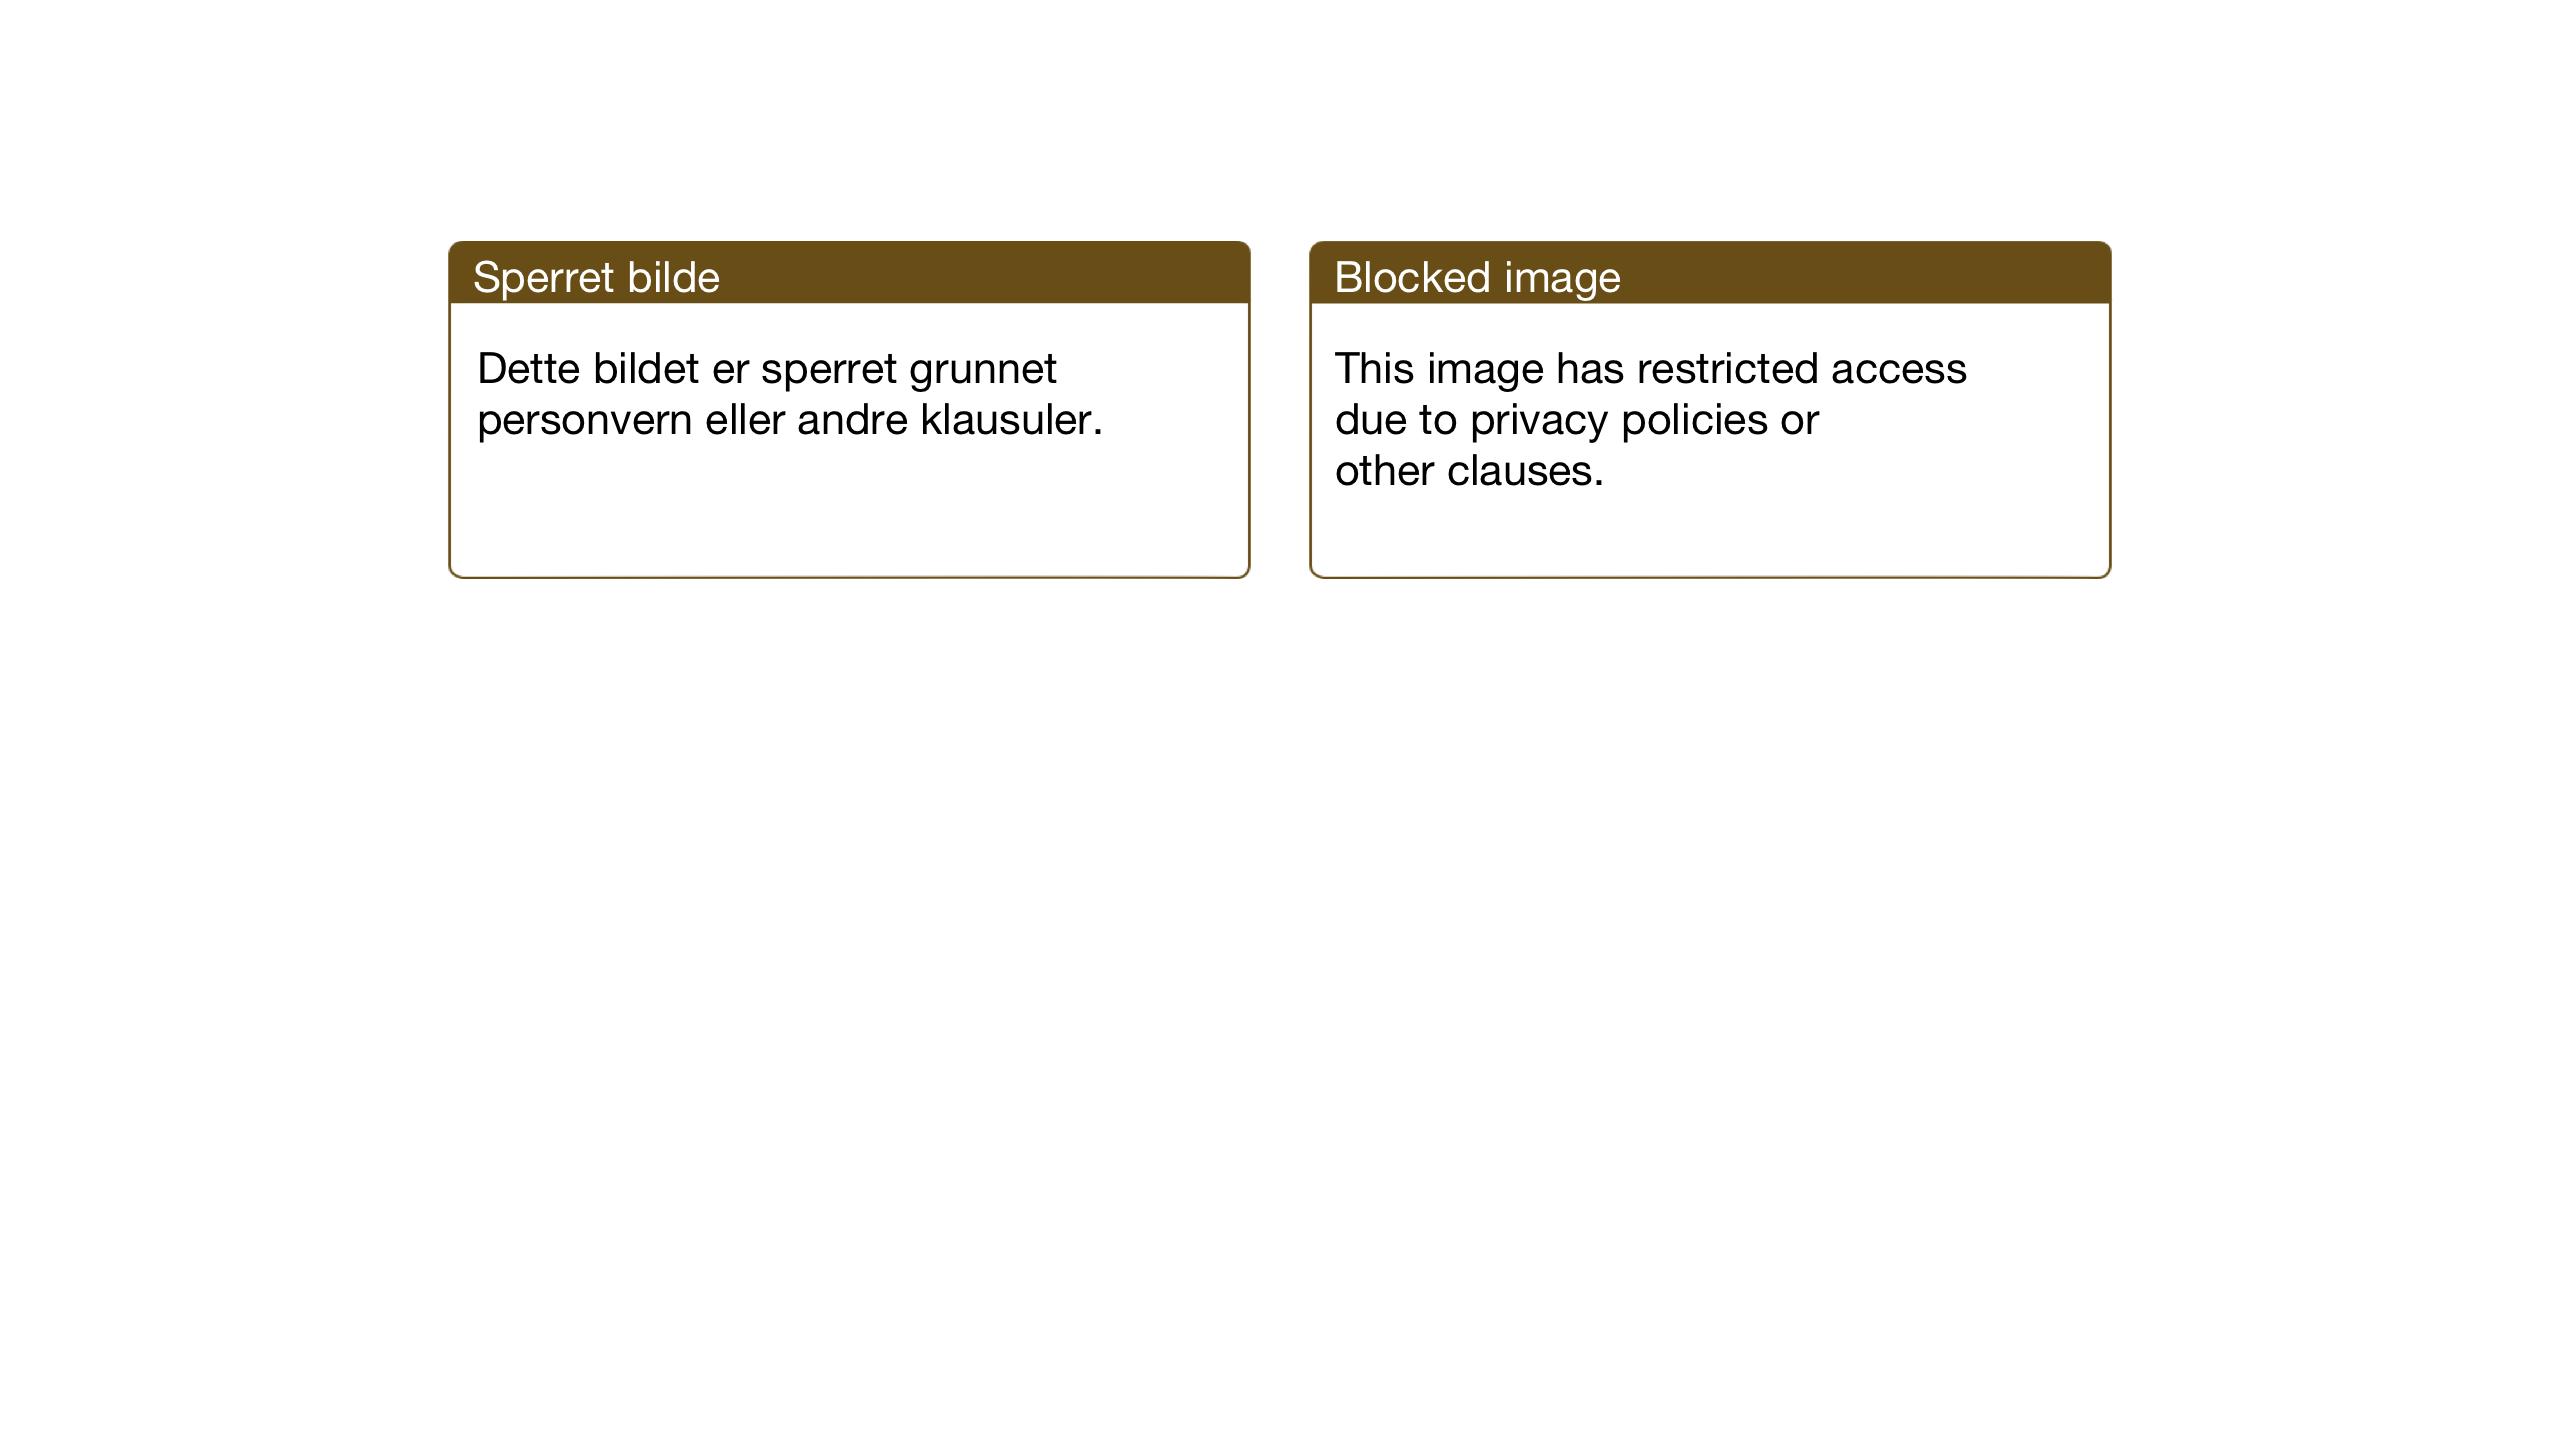 SAT, Ministerialprotokoller, klokkerbøker og fødselsregistre - Nord-Trøndelag, 730/L0304: Klokkerbok nr. 730C07, 1934-1945, s. 56